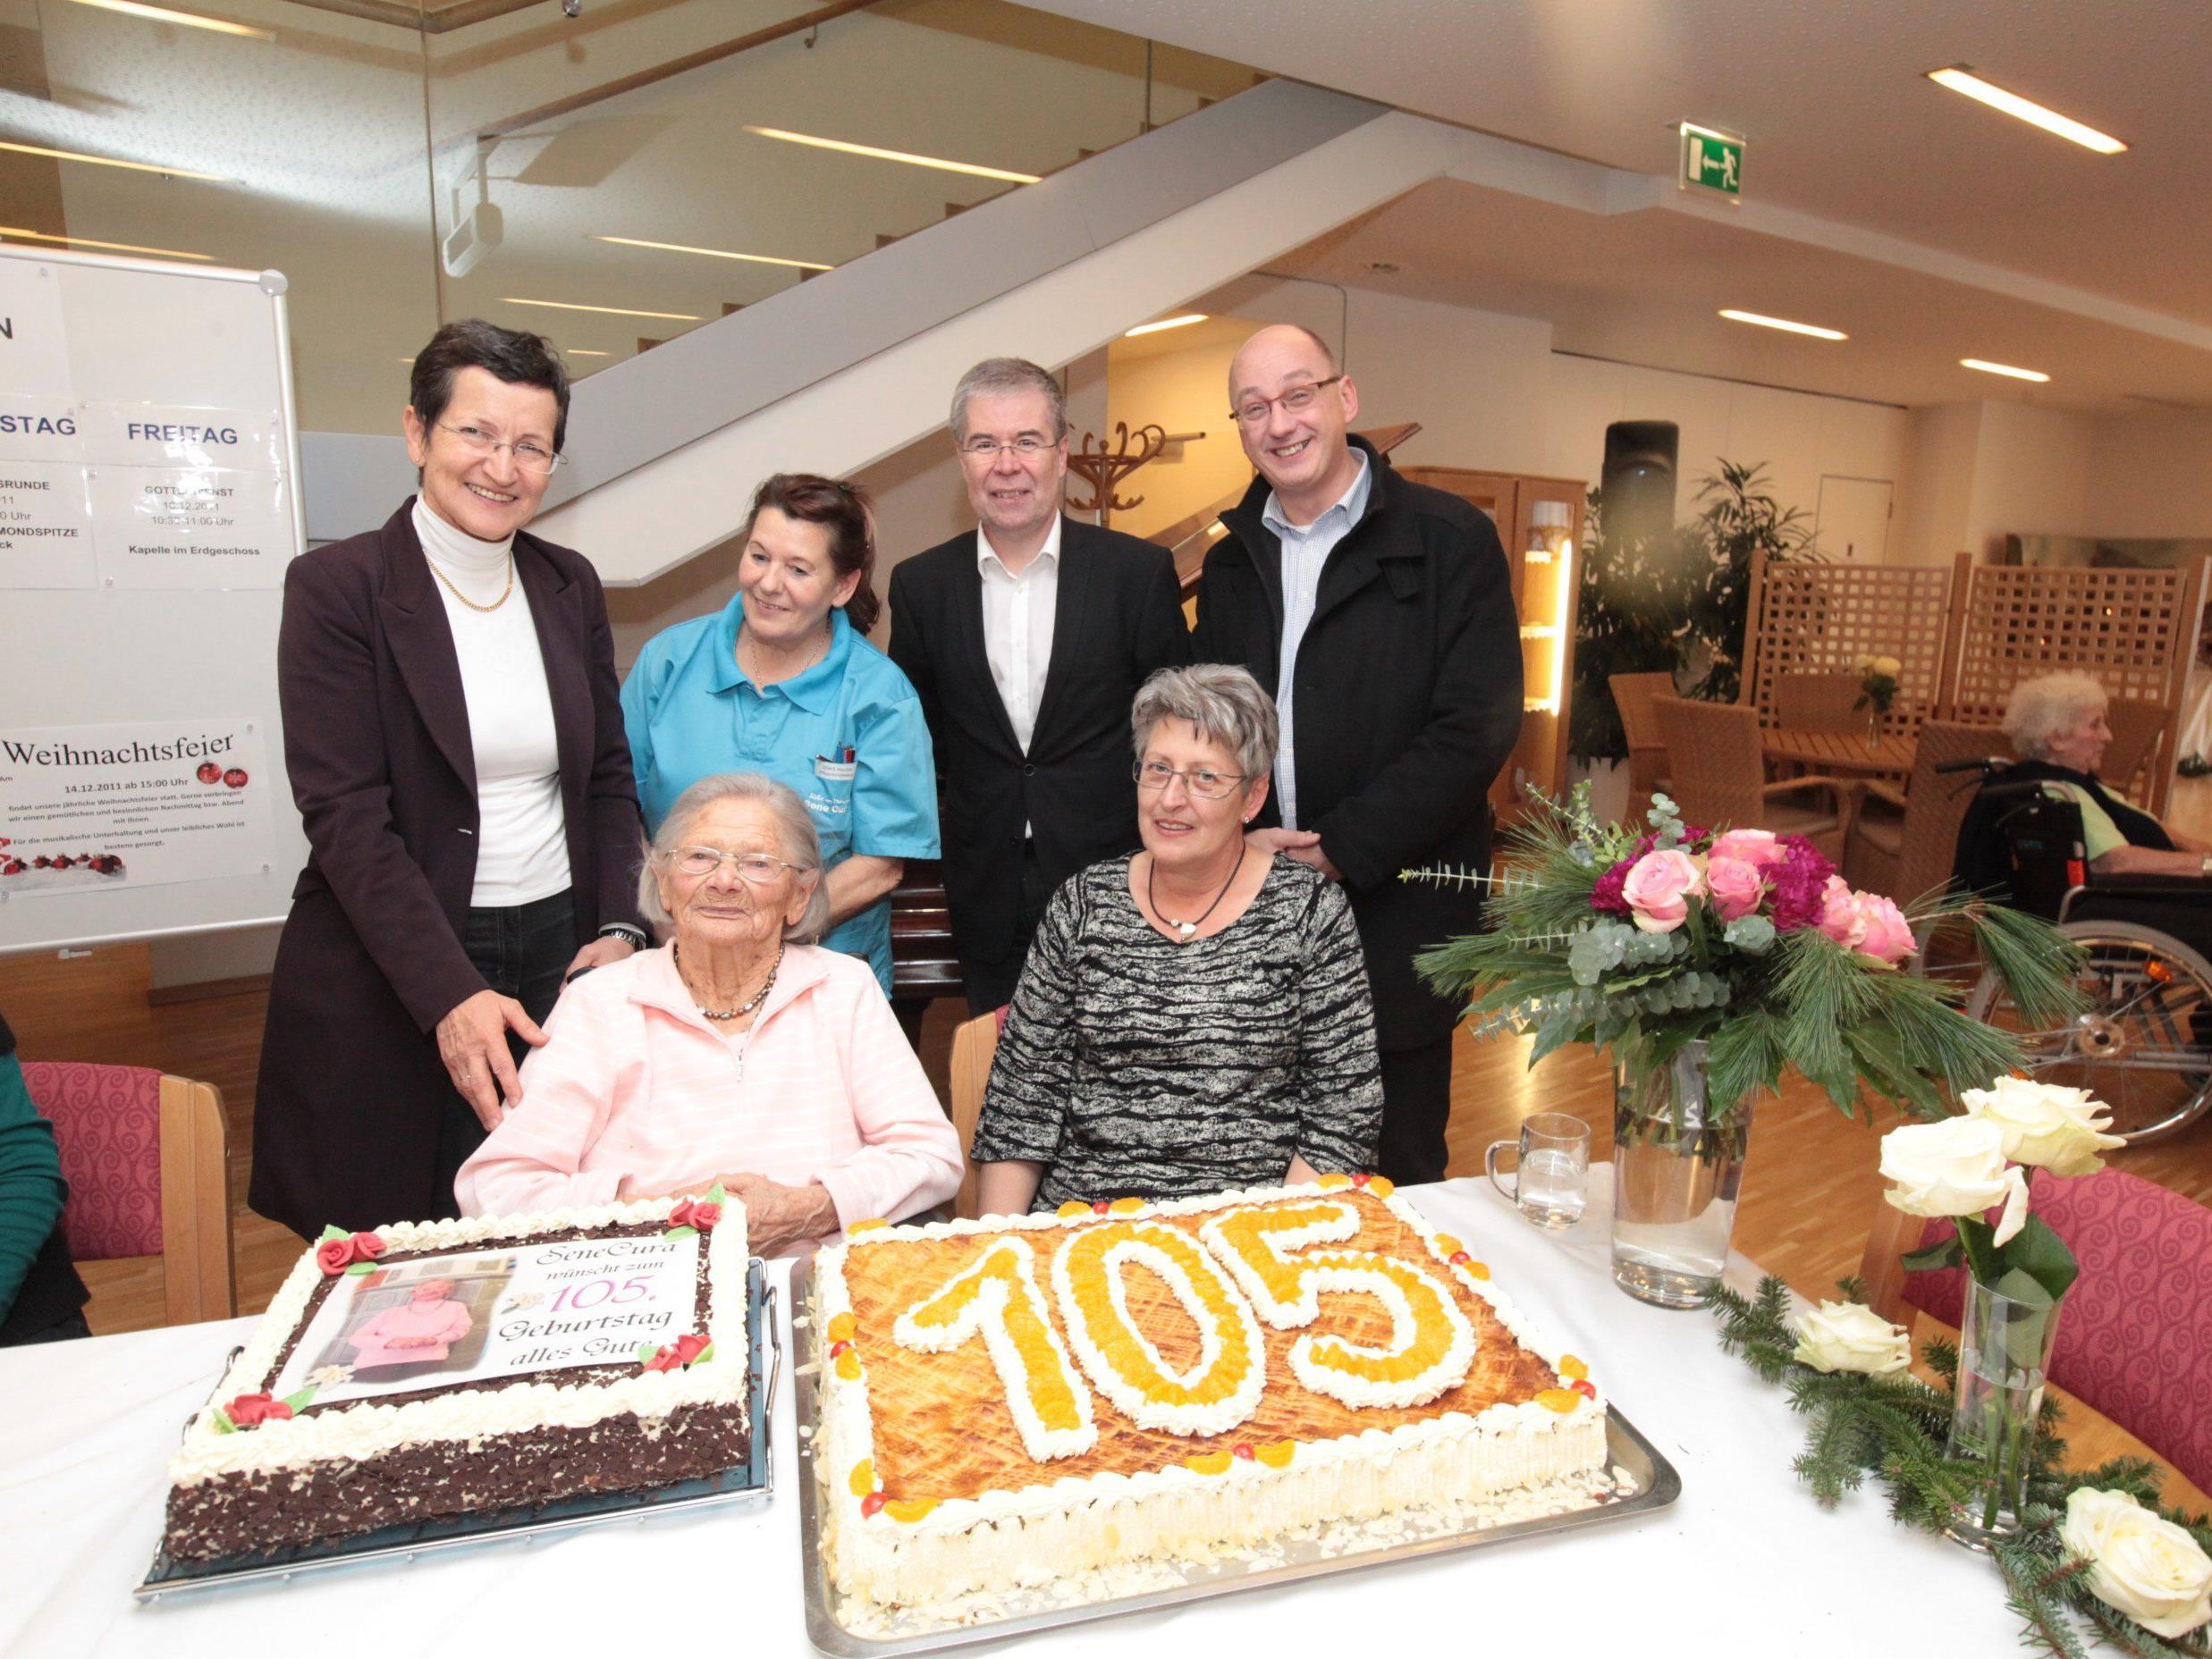 Viele Gratulanten, unter ihnen auch Landesrätin Greti Schmid, fanden sich ein, um mit Blumen, Sekt und Torten SeneCura Bewohnerin Maria Sedelmeyer (vorne links) hochleben zu lassen.